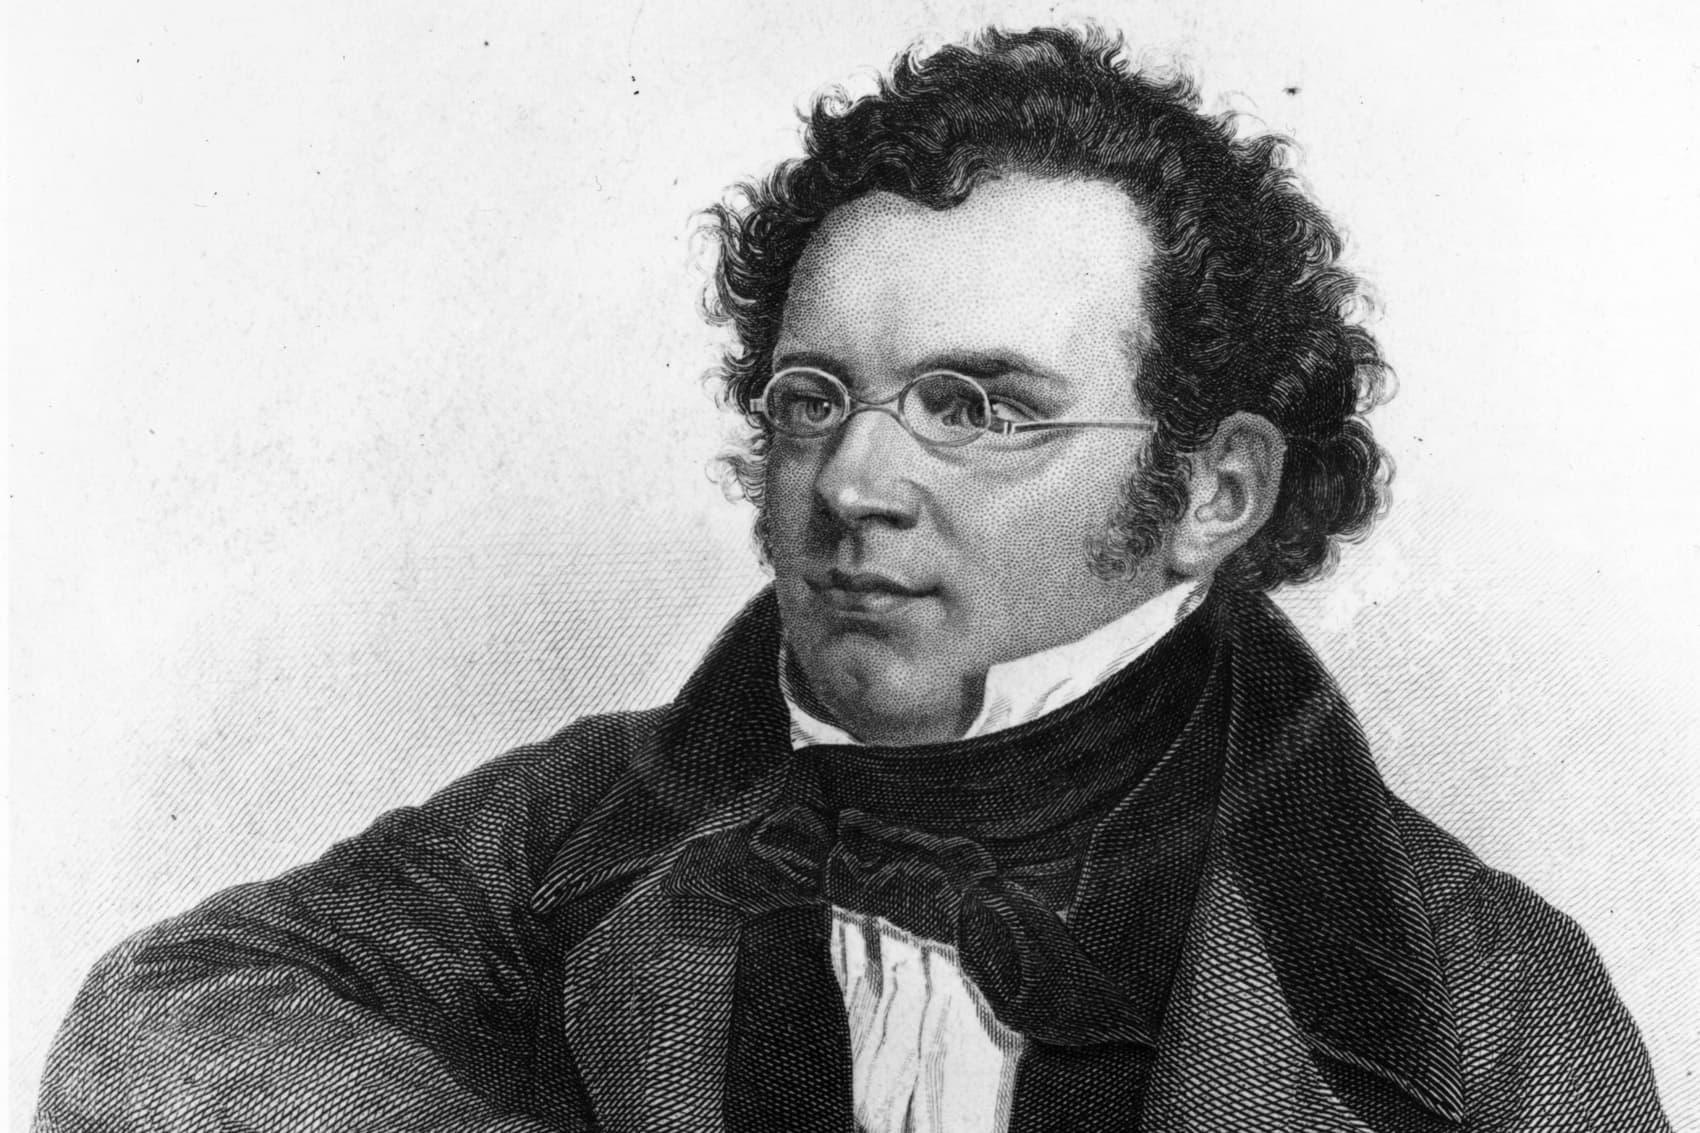 An 1820s engraving of Austrian composer Franz Peter Schubert, by Weger. (Rischgitz/Getty Images)